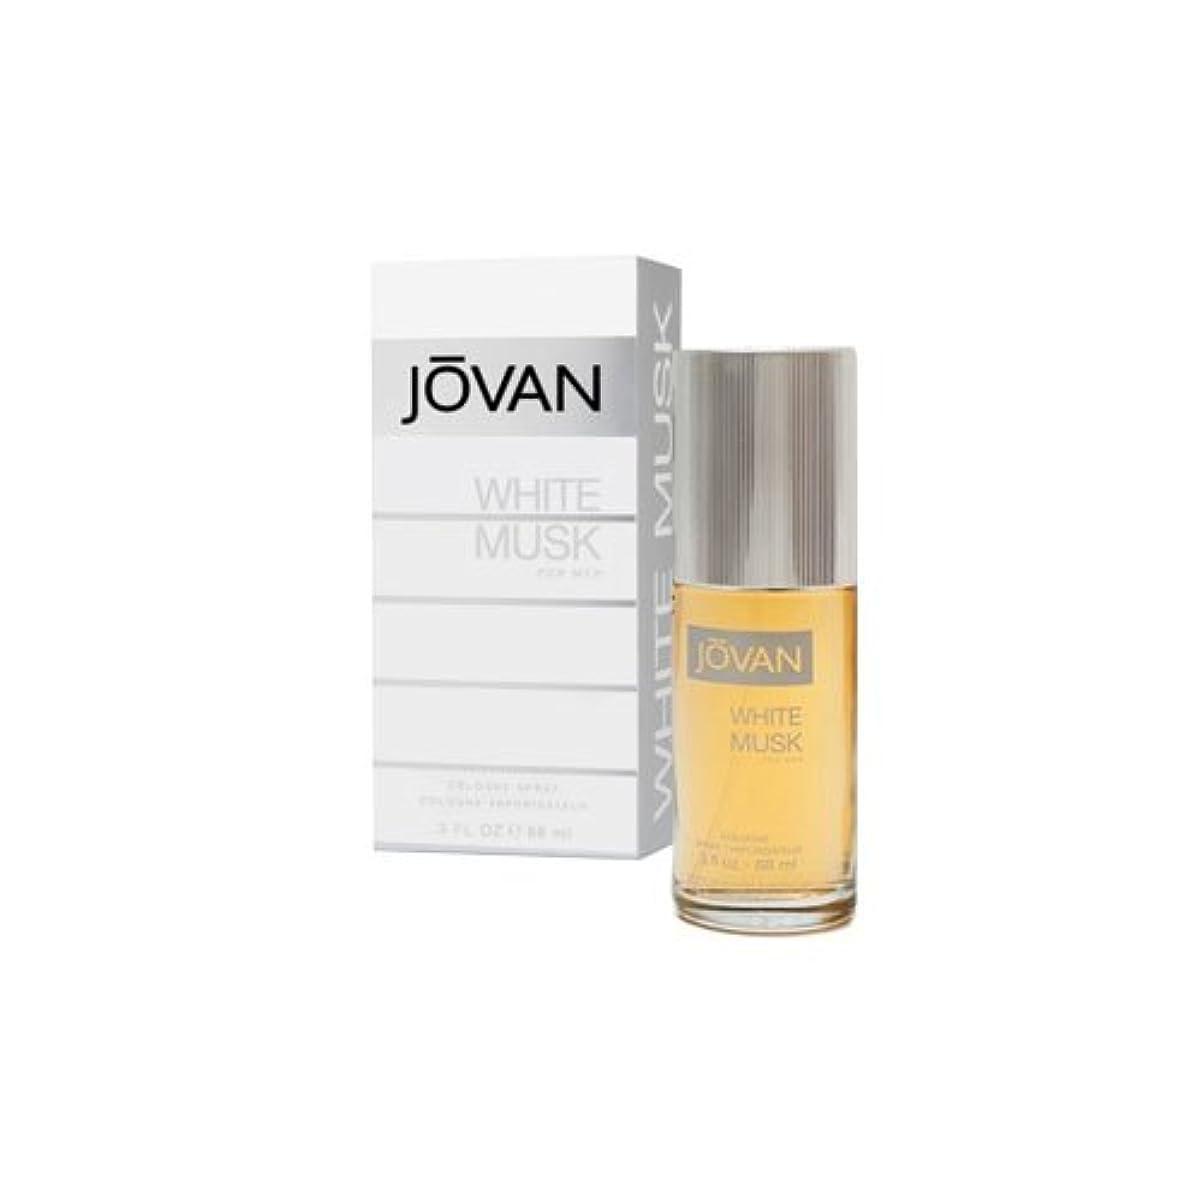 エゴマニアディンカルビル情報JOVAN ジョーバン ホワイト ムスク フォーメン 88ml メンズ 香水 (並行輸入品)